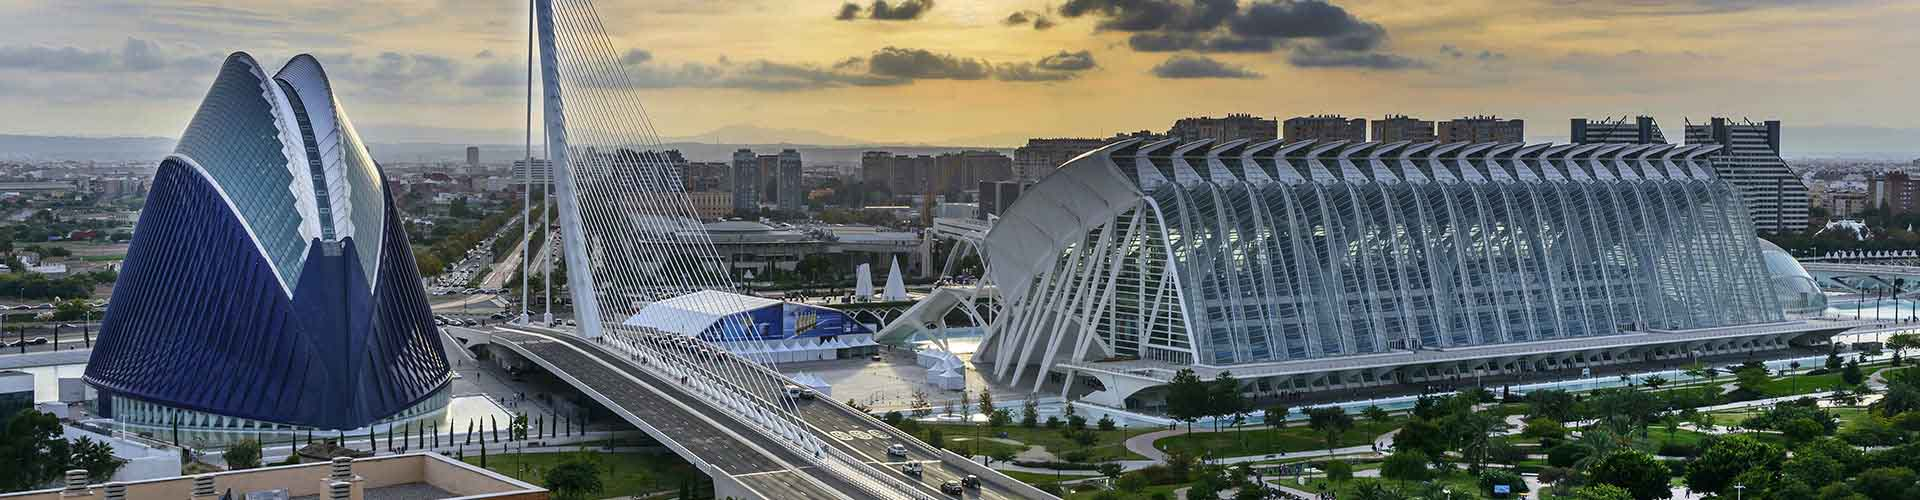 Valencia - Apartments nahe Flughafen Valencia. Valencia auf der Karte. Fotos und Bewertungen für jedes Apartment in Valencia.